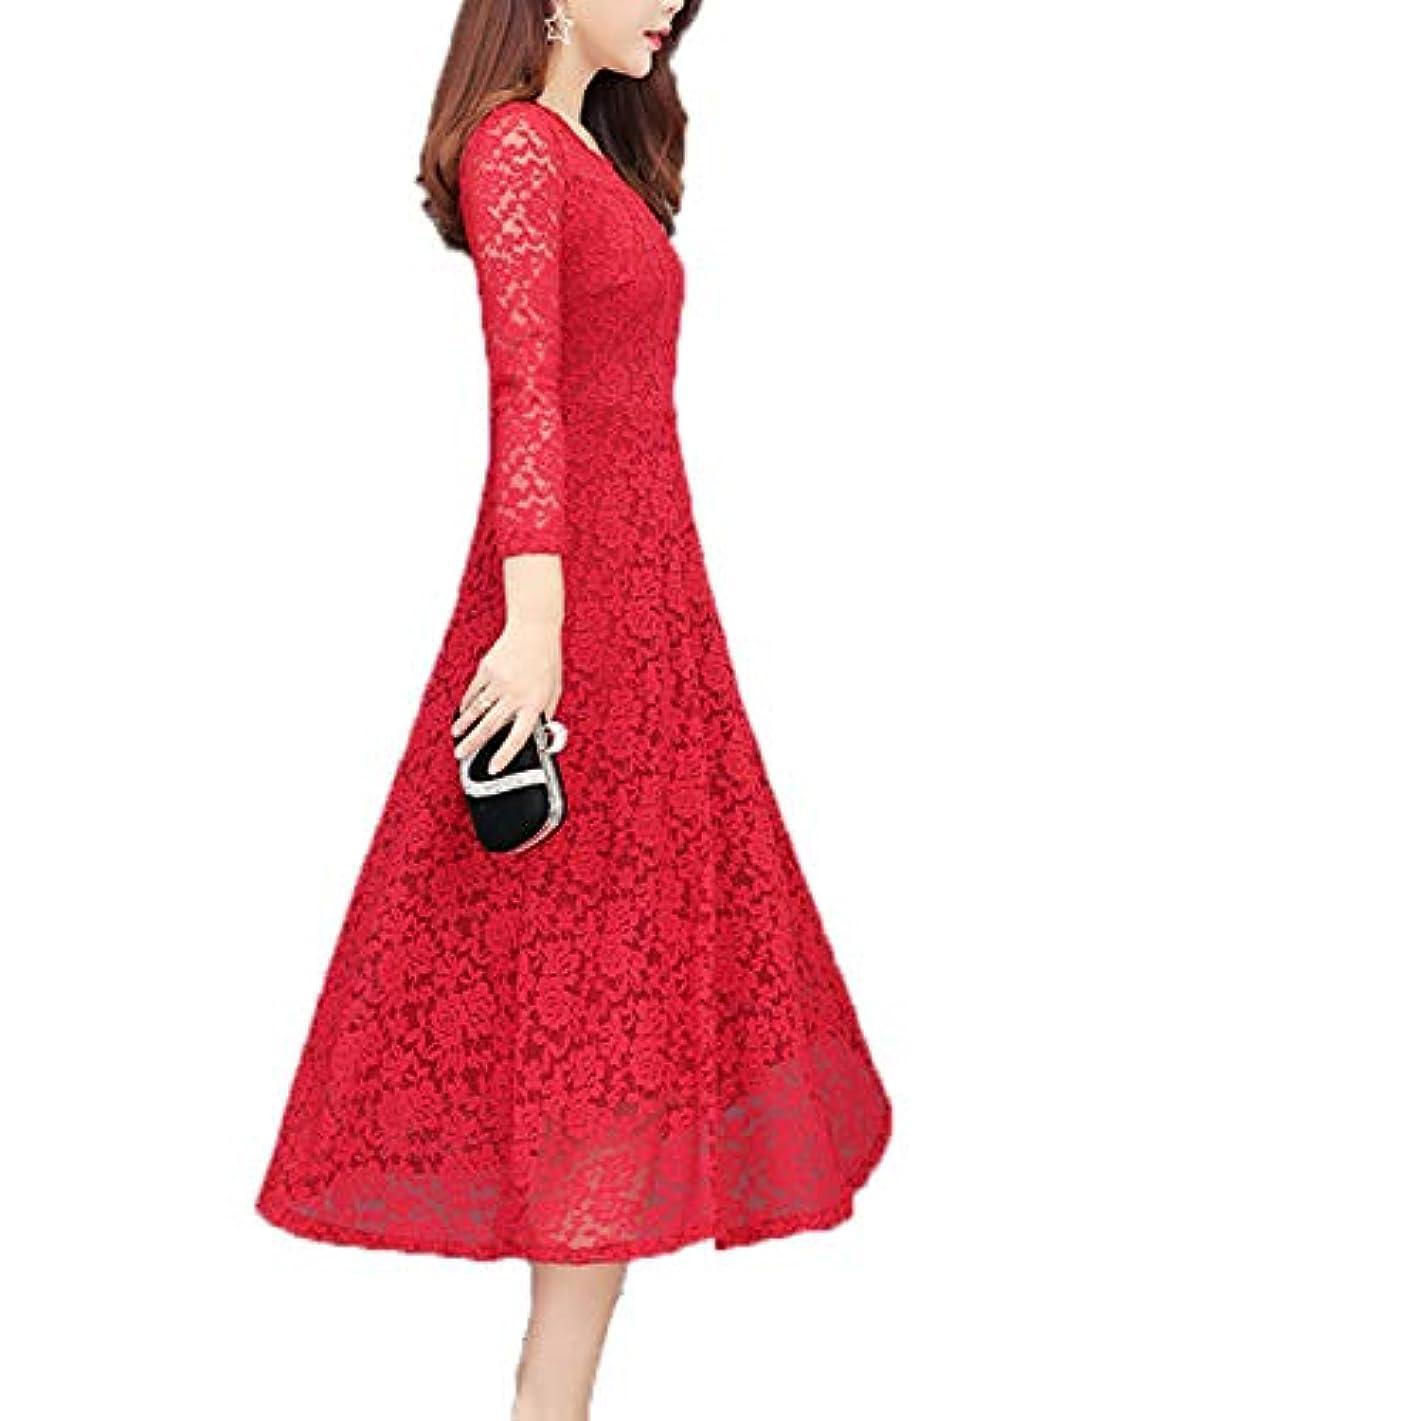 メディア形式[ココチエ] ワンピース ドレス 黒 赤 リボン フレア Aライン ロング 長袖 膝丈 レトロ クラシック